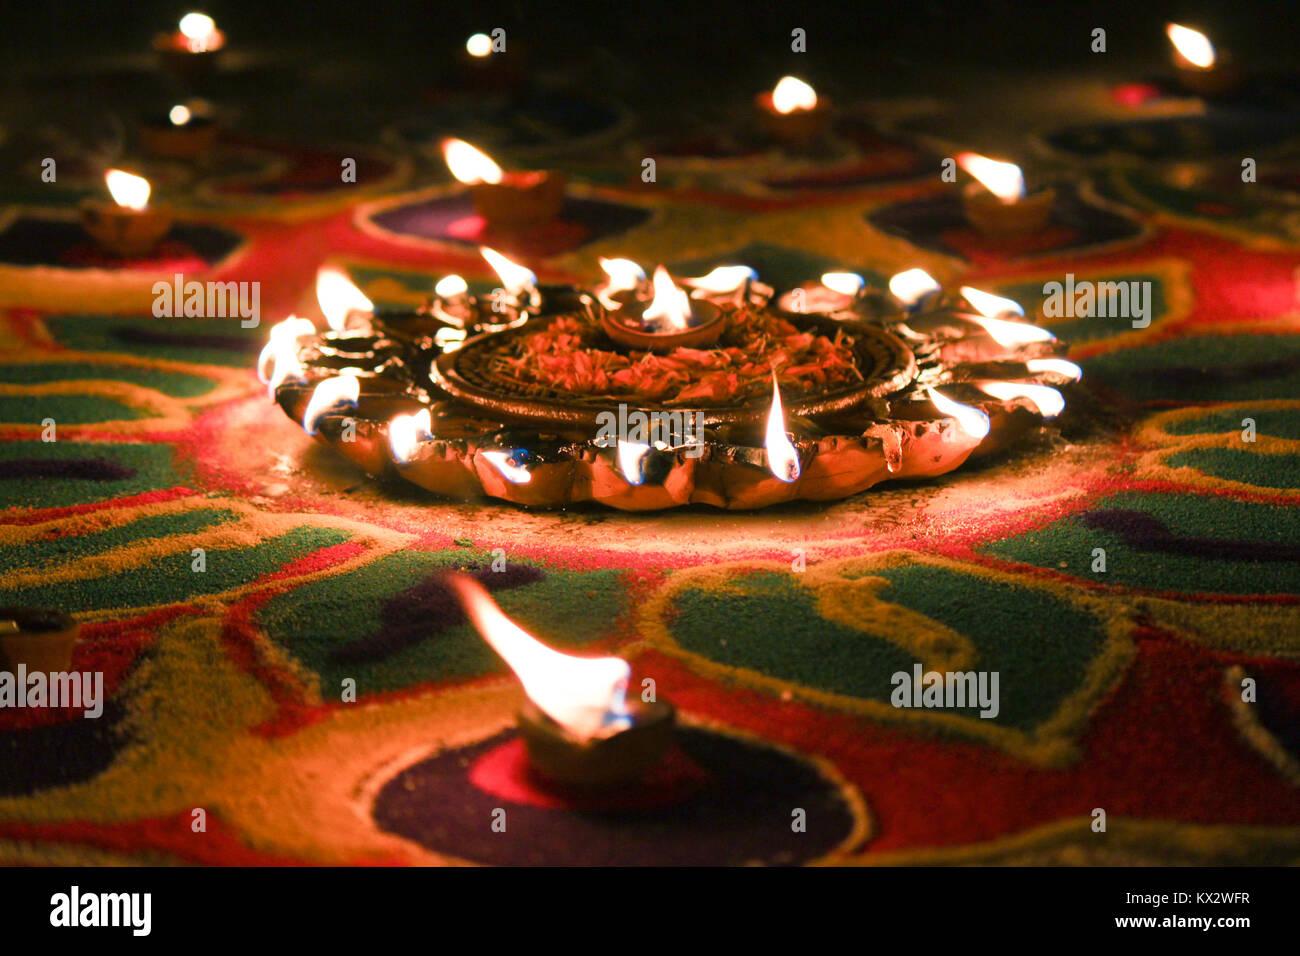 diwali light festival burning oil lamps Stock Photo